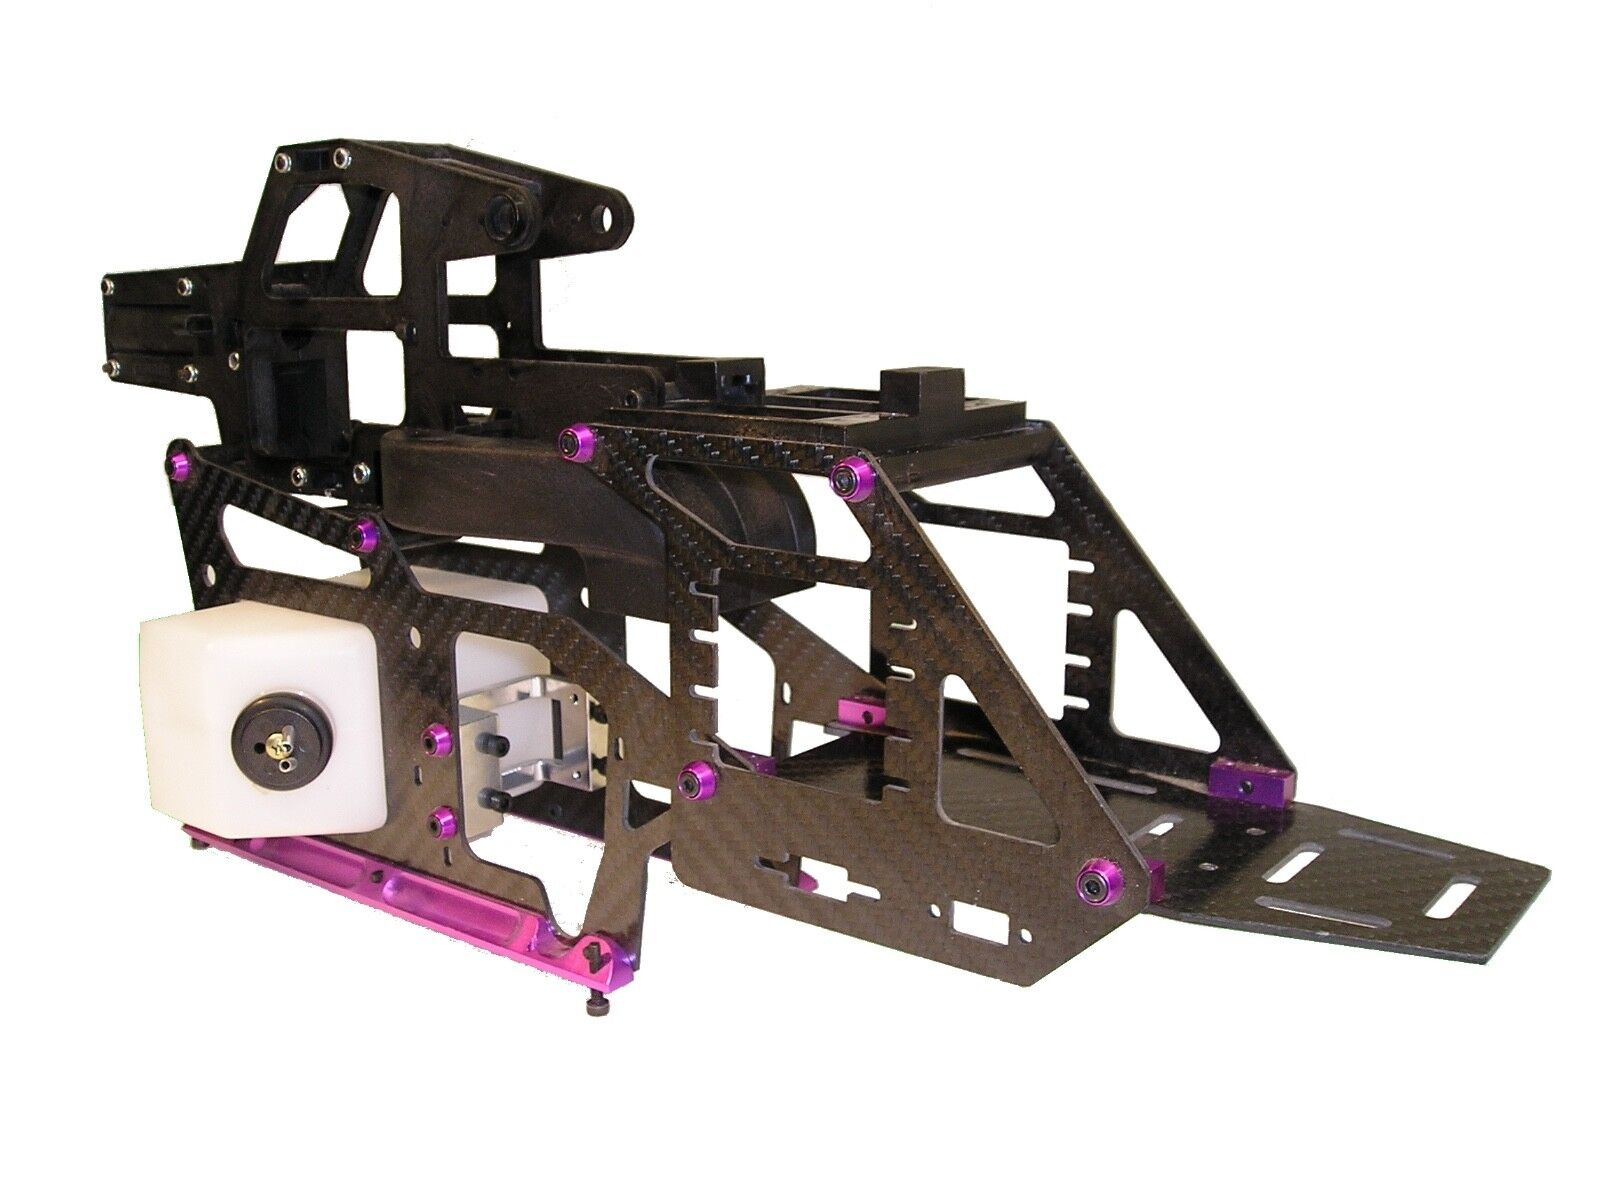 CN2273 CENTURY HAWK autoBON Lato Kit  Di Conversione FRAME 30-misura 50  memorizzare